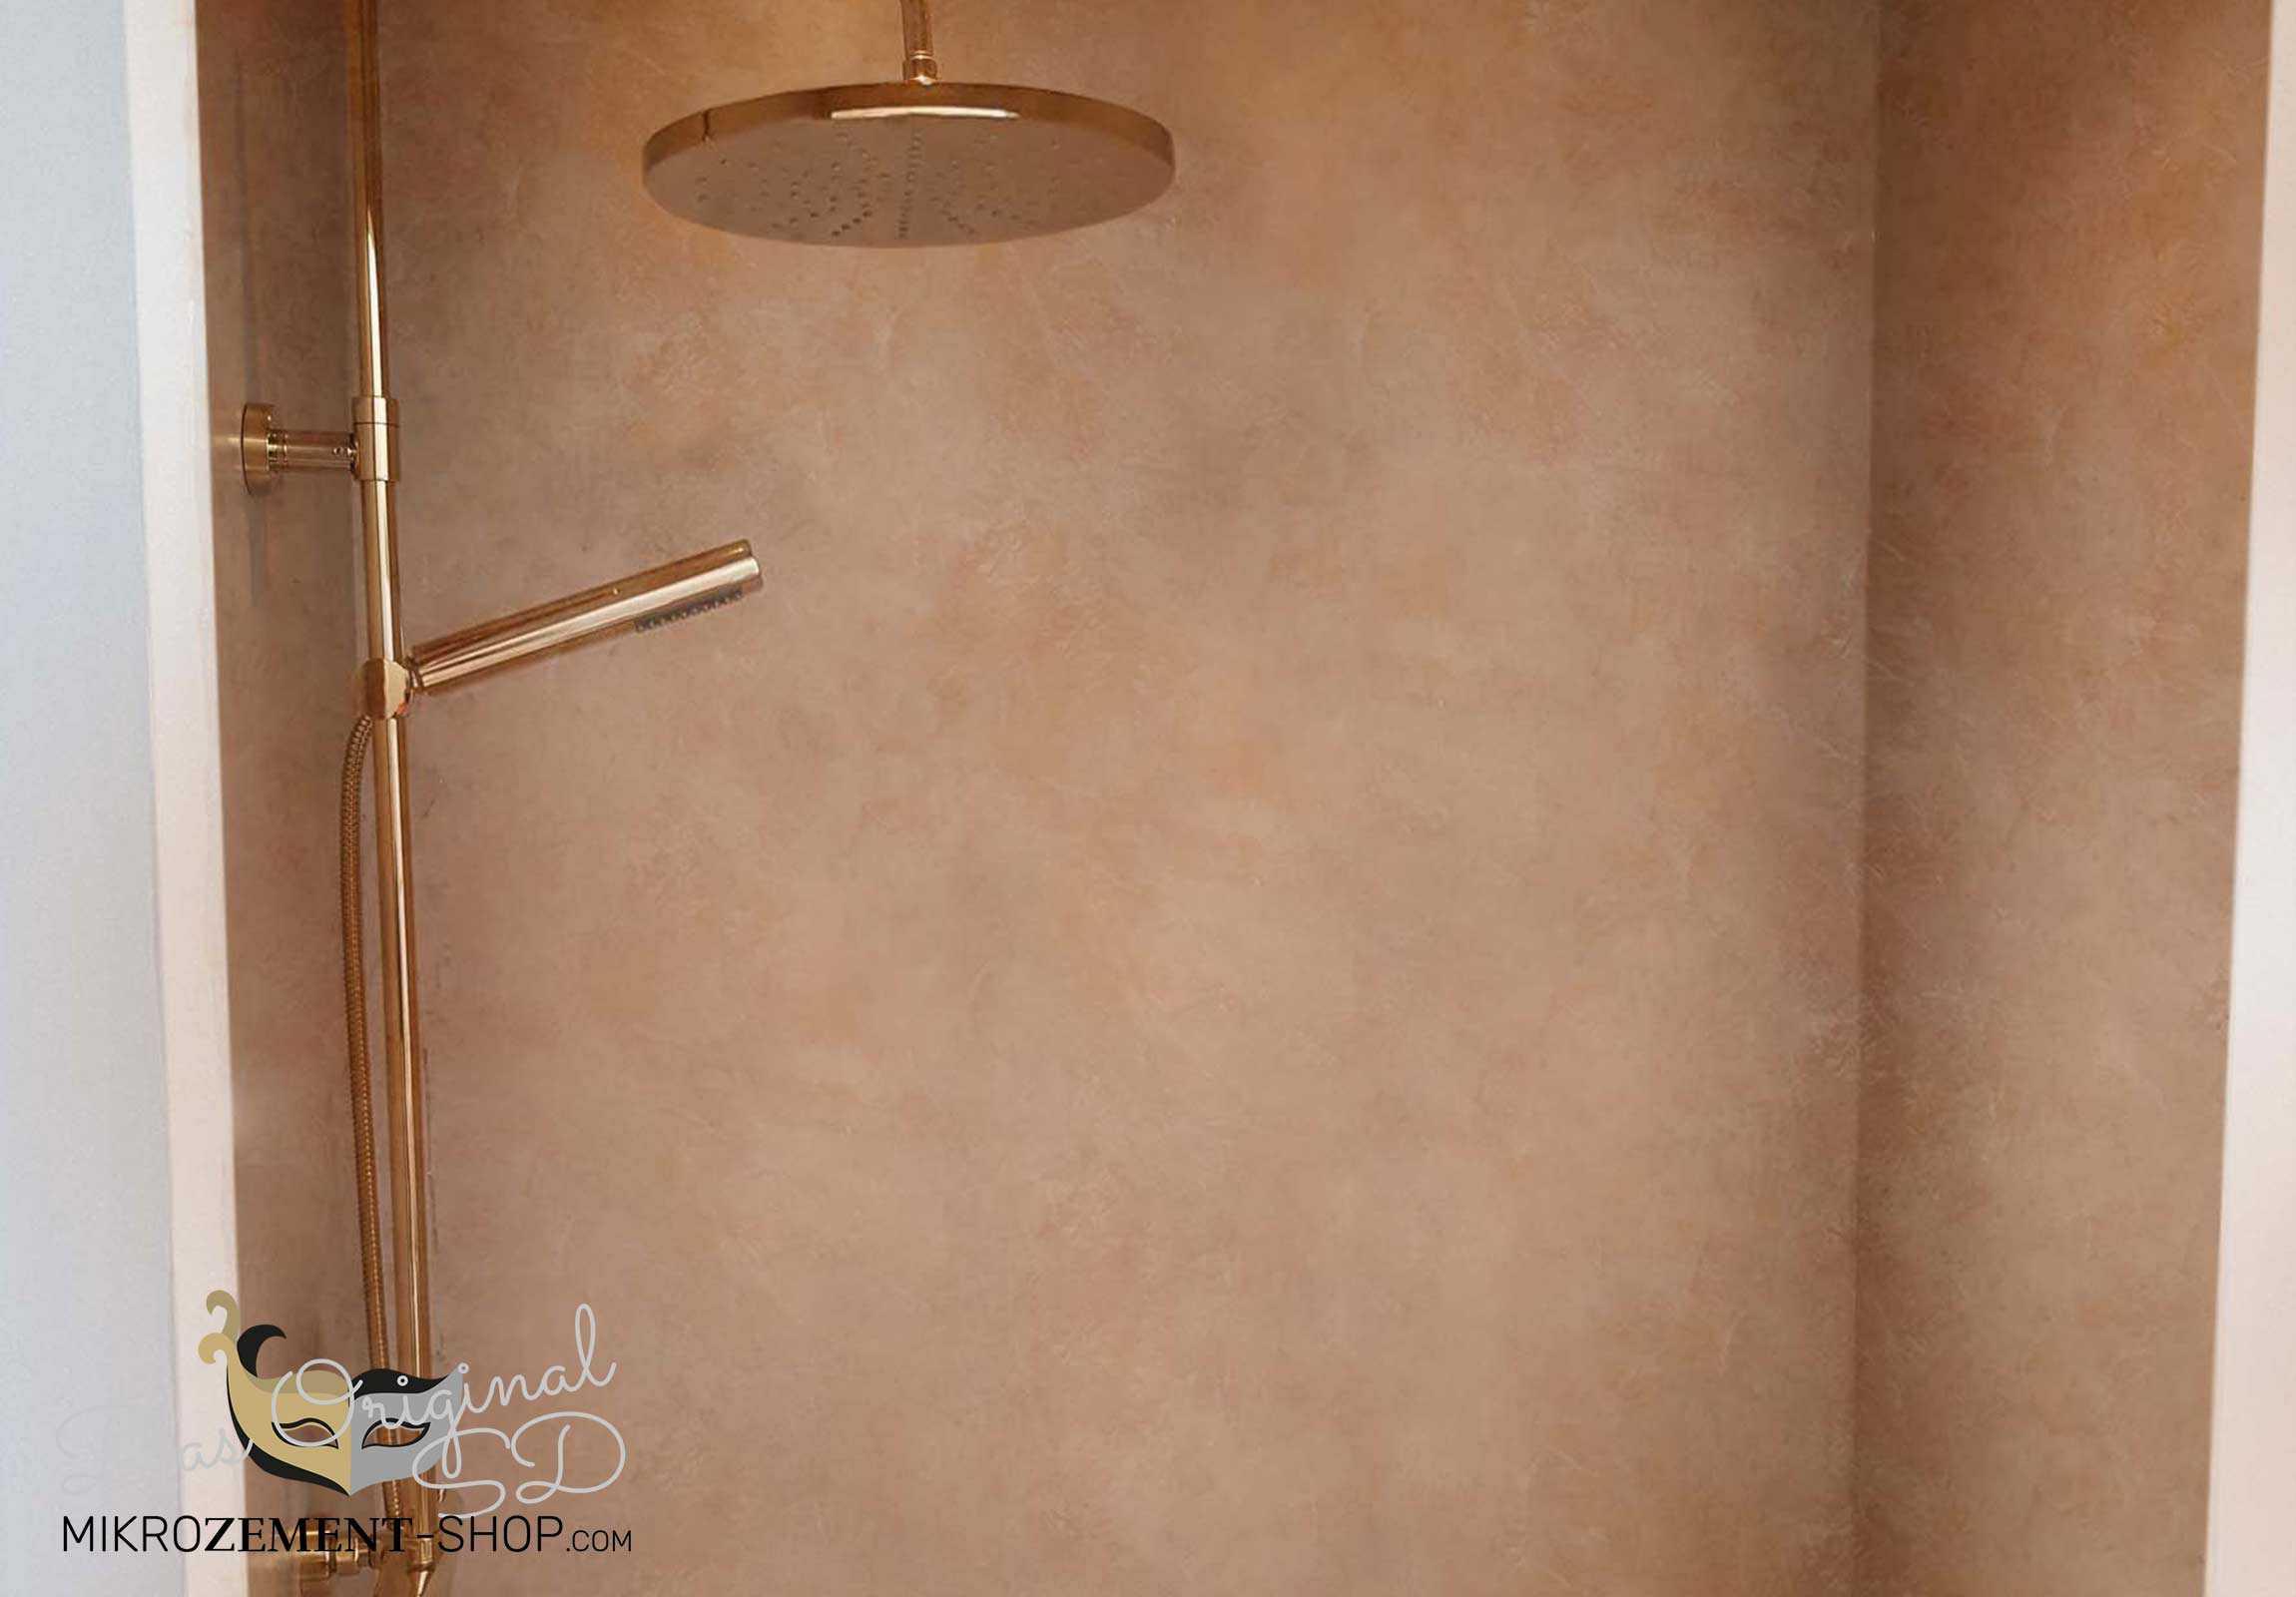 Mikrozement in Farbe in der Dusche